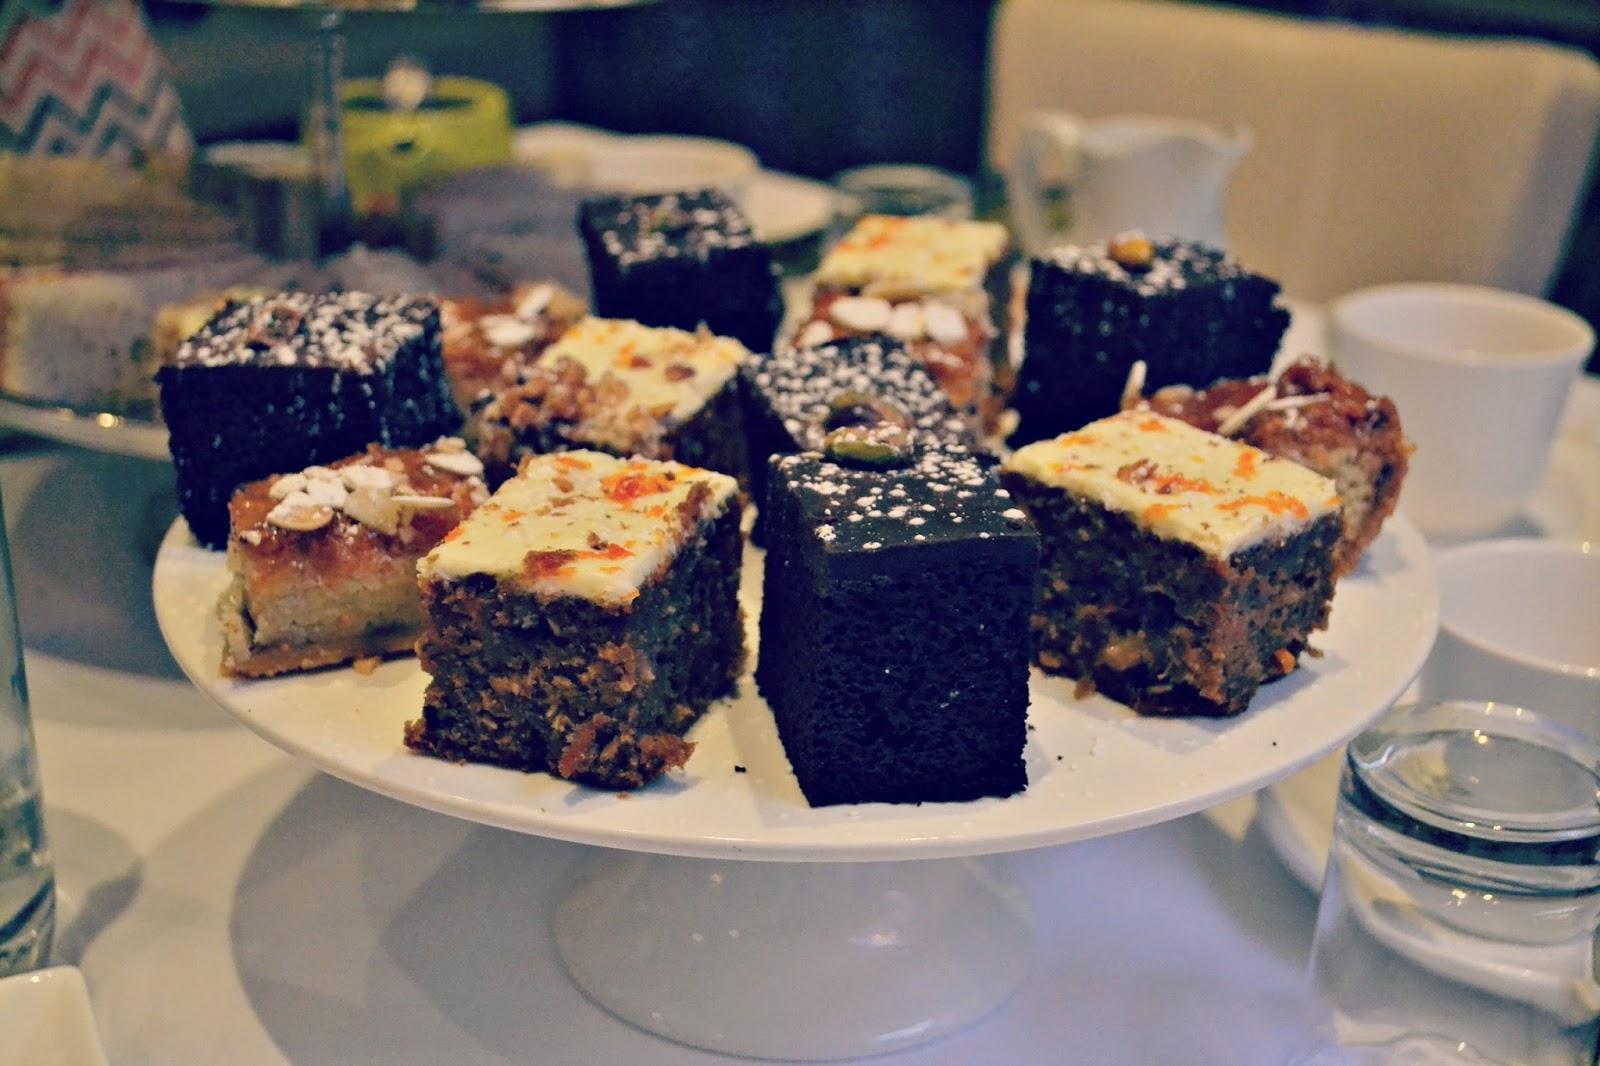 Tea and cakes at Harington House Bath